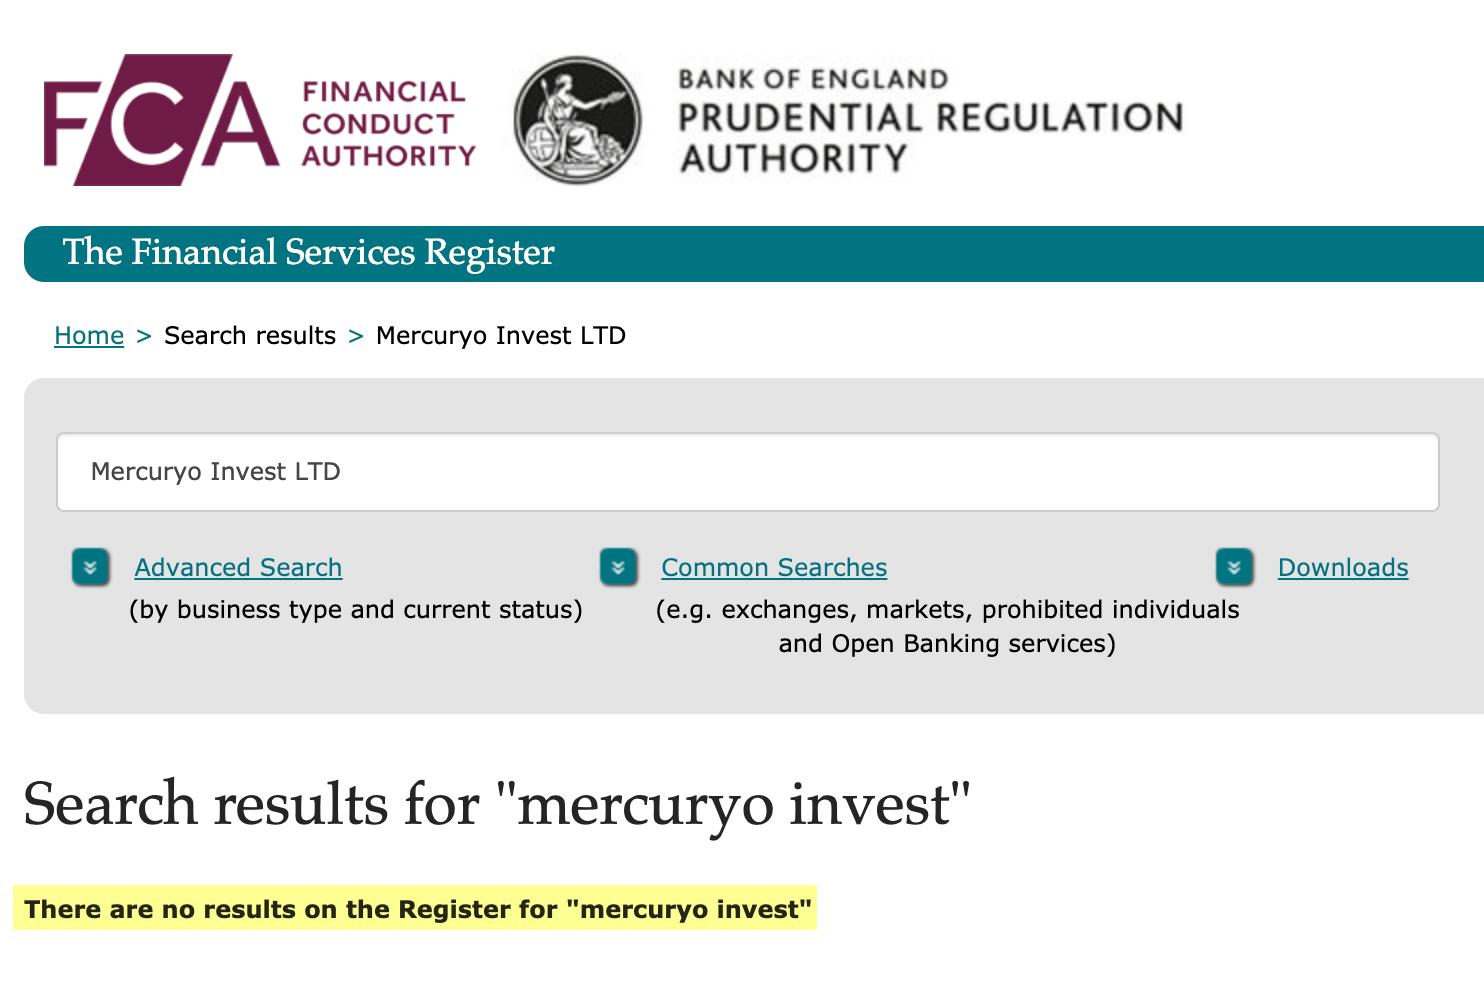 Я не нашел MercuryoInvest Ltd в списке компаний, которым разрешено оказывать финансовые услуги